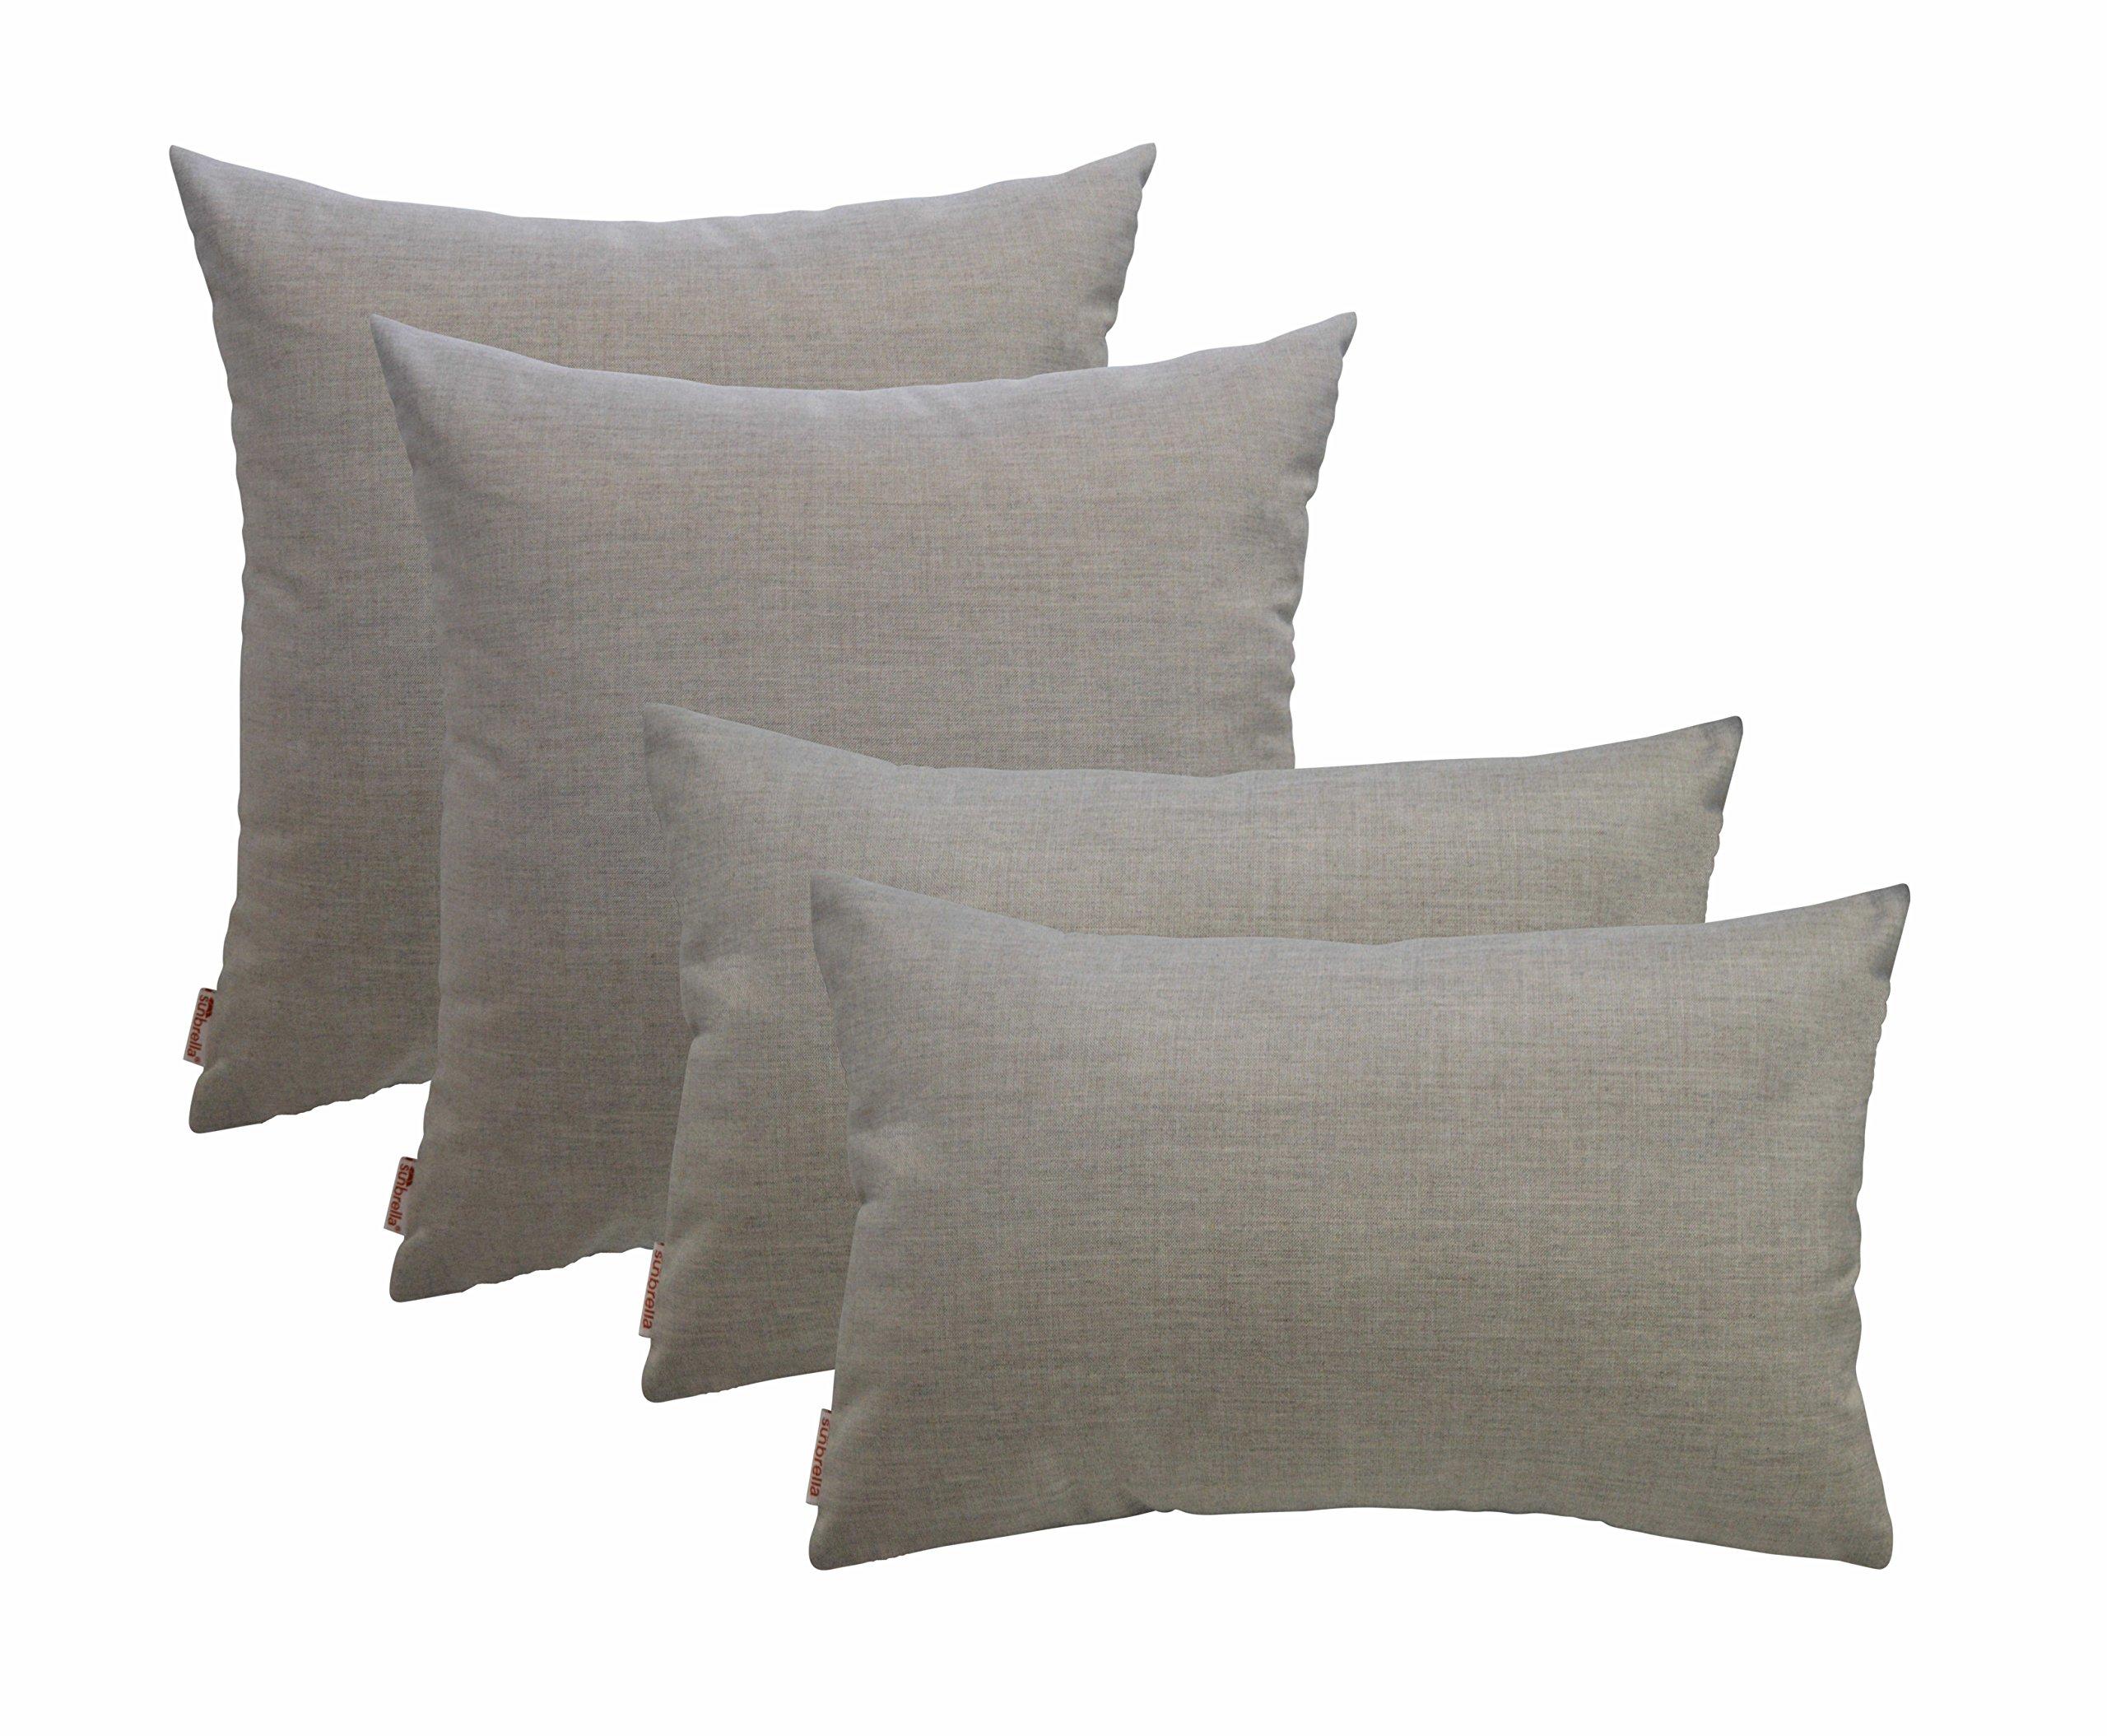 RSH Décor Set of 4 Indoor Outdoor Decorative Throw Pillows - 20'' x 20'' + 12'' x 20'' Square & Rectangular/Lumbar Pillows - Sunbrella Cast Silver